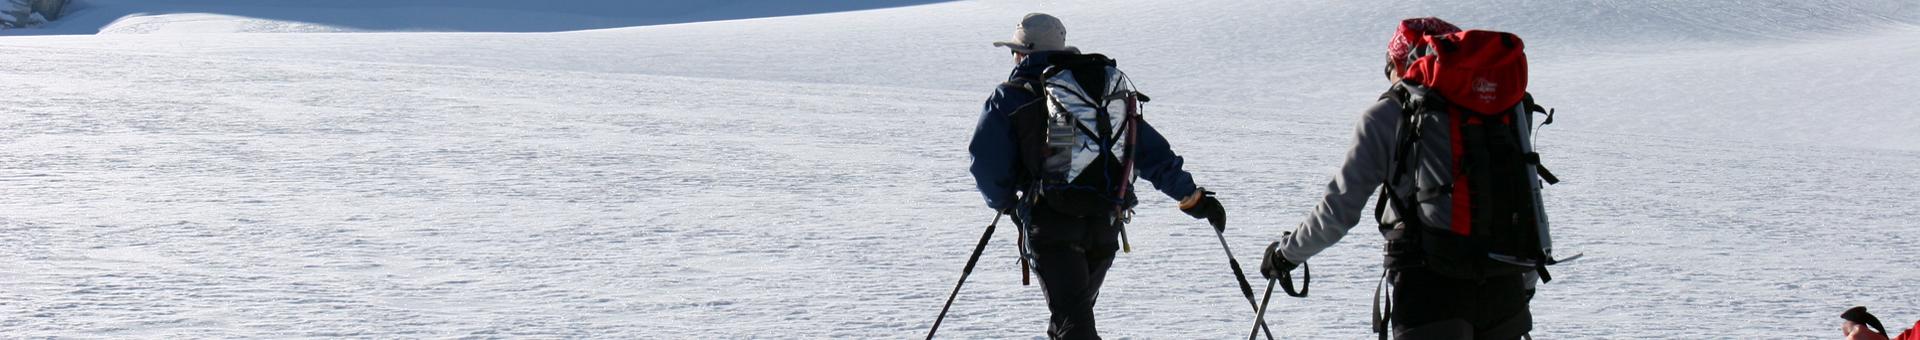 Ski > Ski de randonnée > tetiere